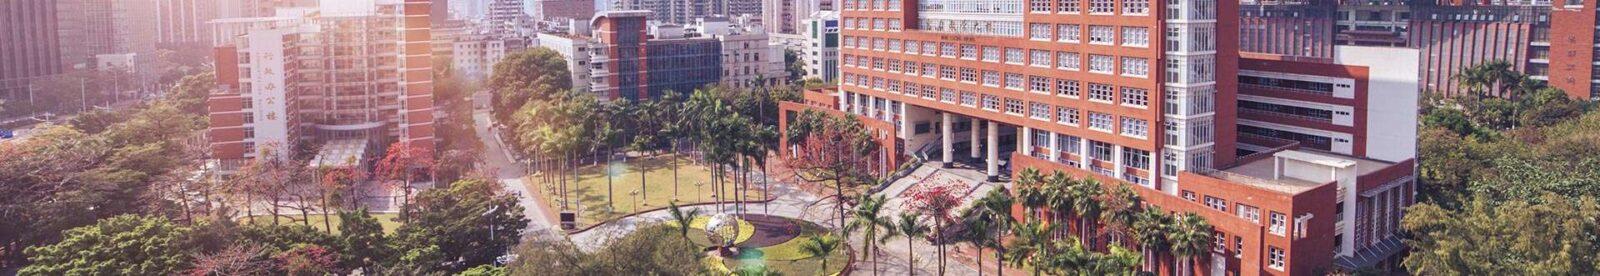 Jinan University